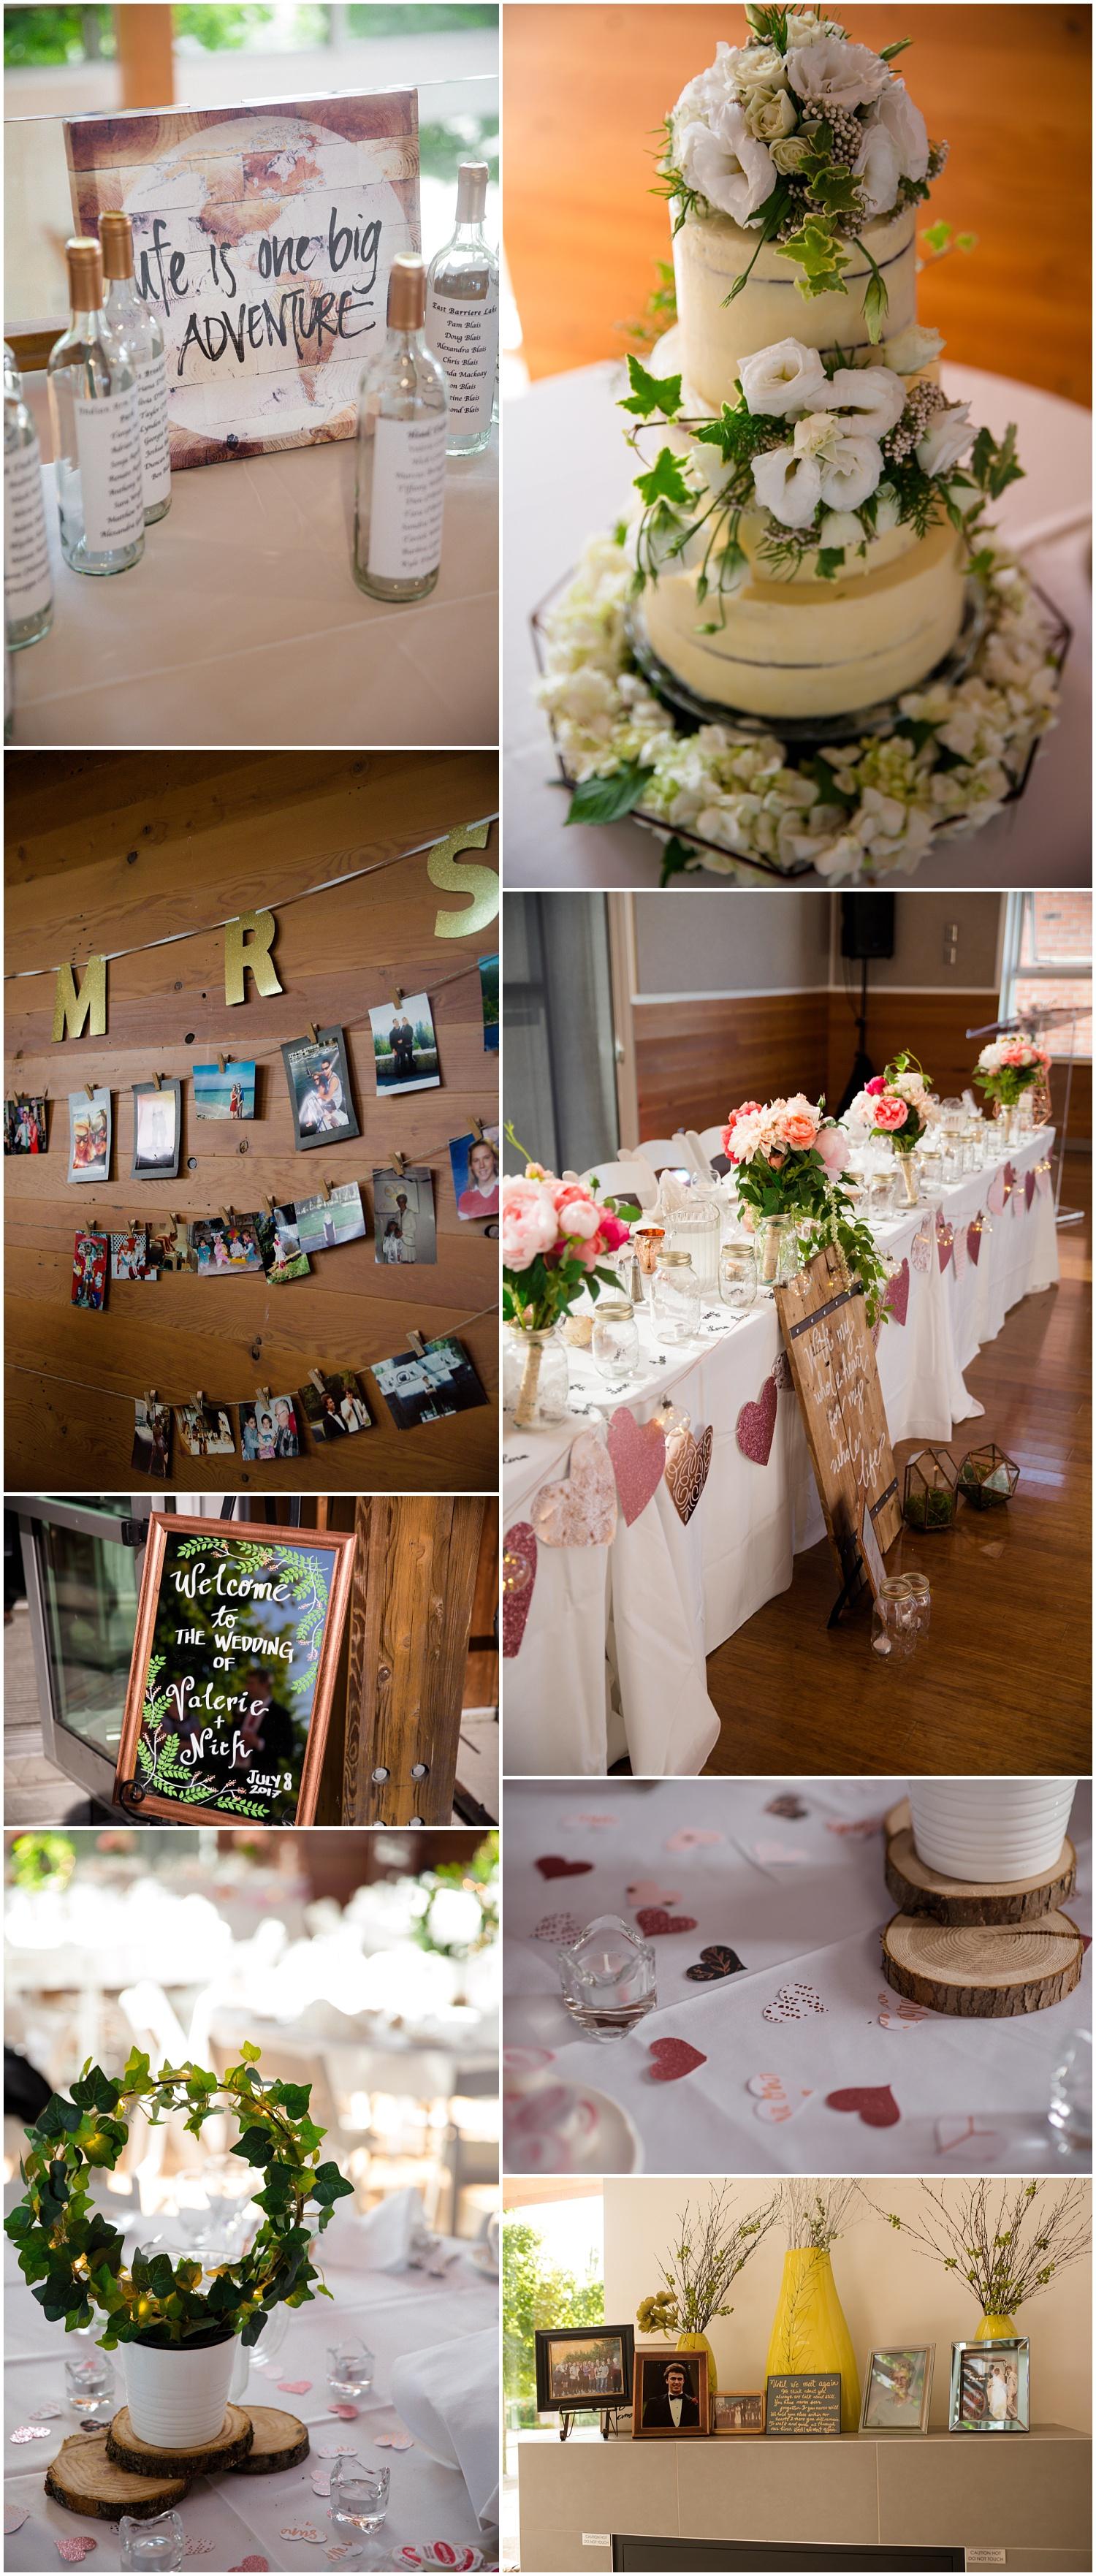 Amazing Day Photography - South Bonson Wedding - Pitt Meadows Wedding - Langley Wedding Photography (30).jpg